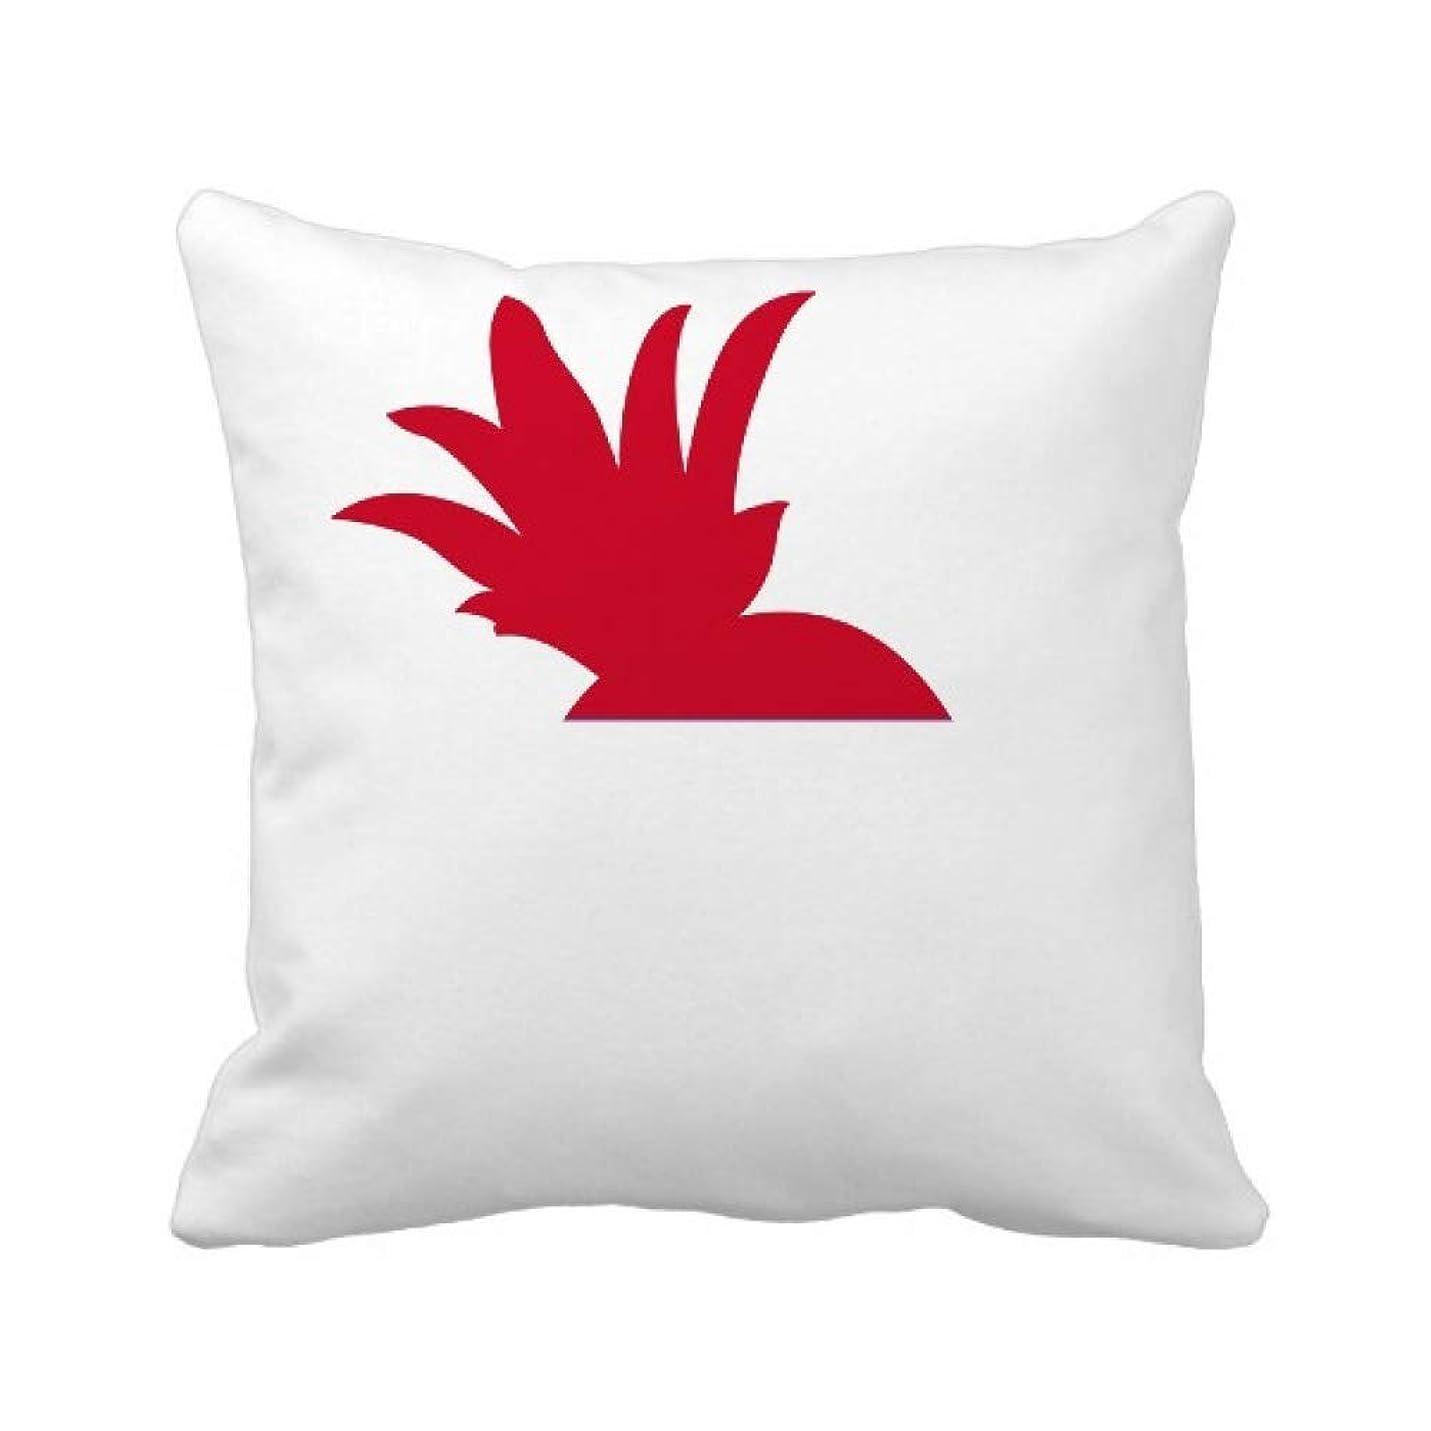 ワイヤーエスニックチロインドネシアアジアの国の国旗 パイナップル枕カバー正方形を投げる 50cm x 50cm